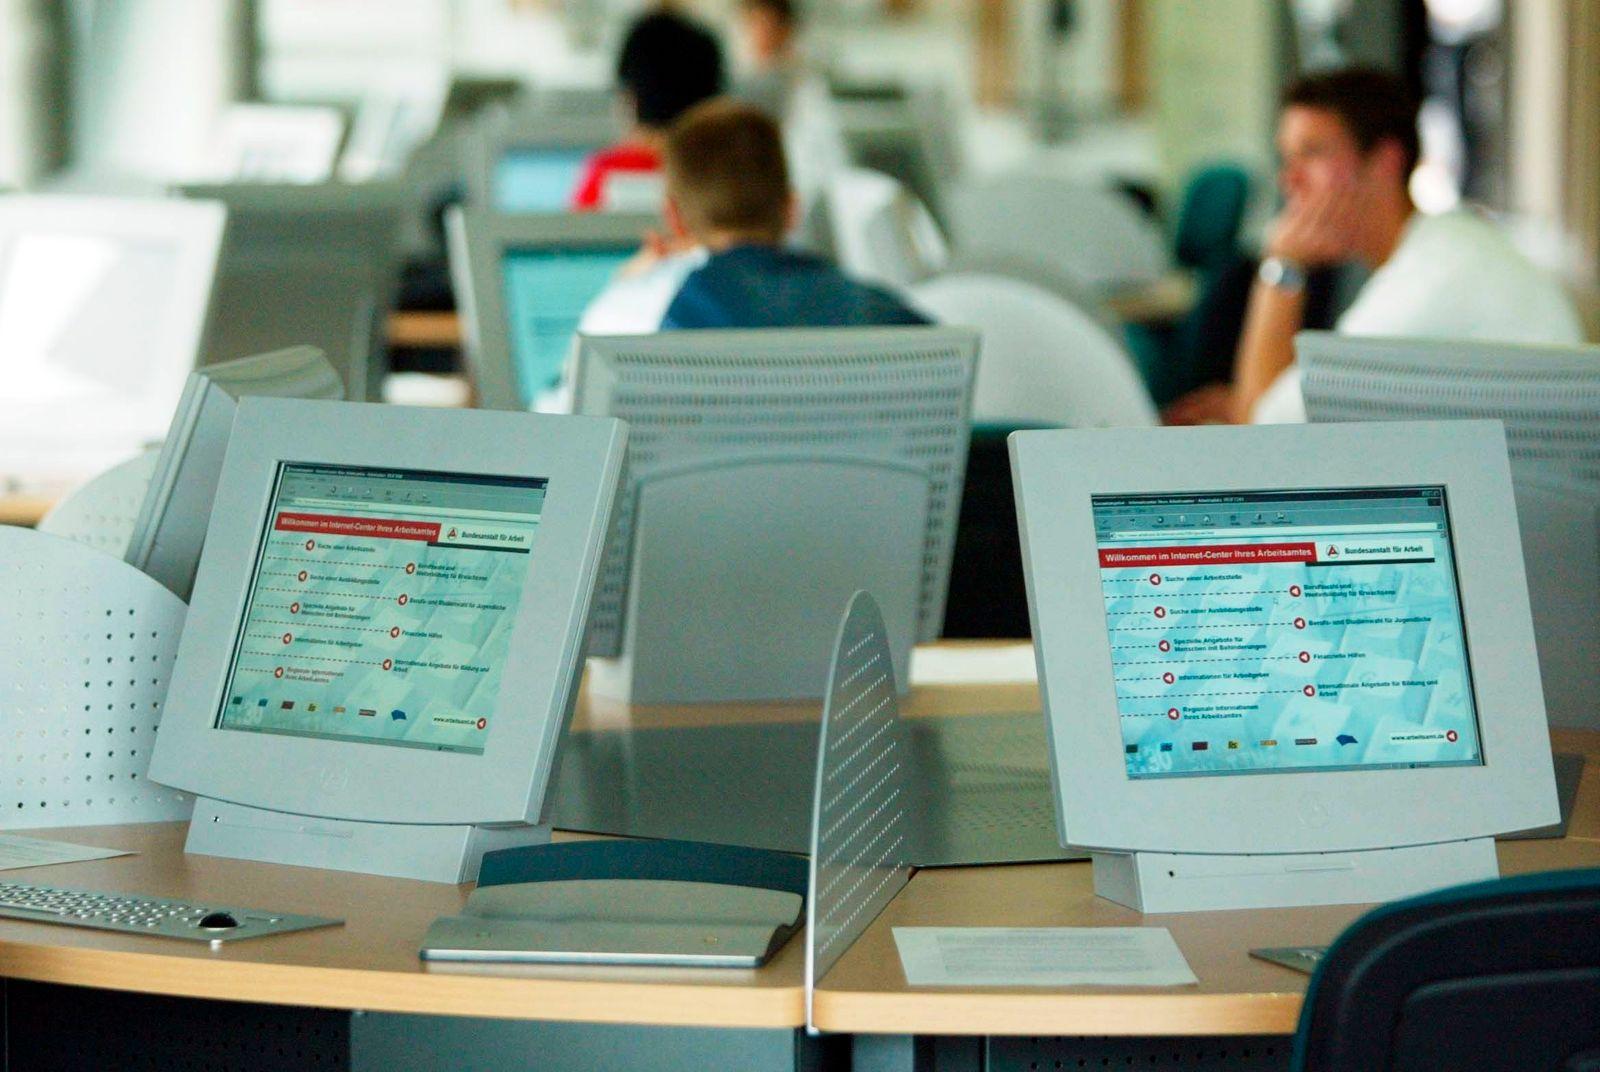 NICHT VERWENDEN Berufsinformationszentrum biz/ Arbeitslosigkeit / Arbeitsmarkt